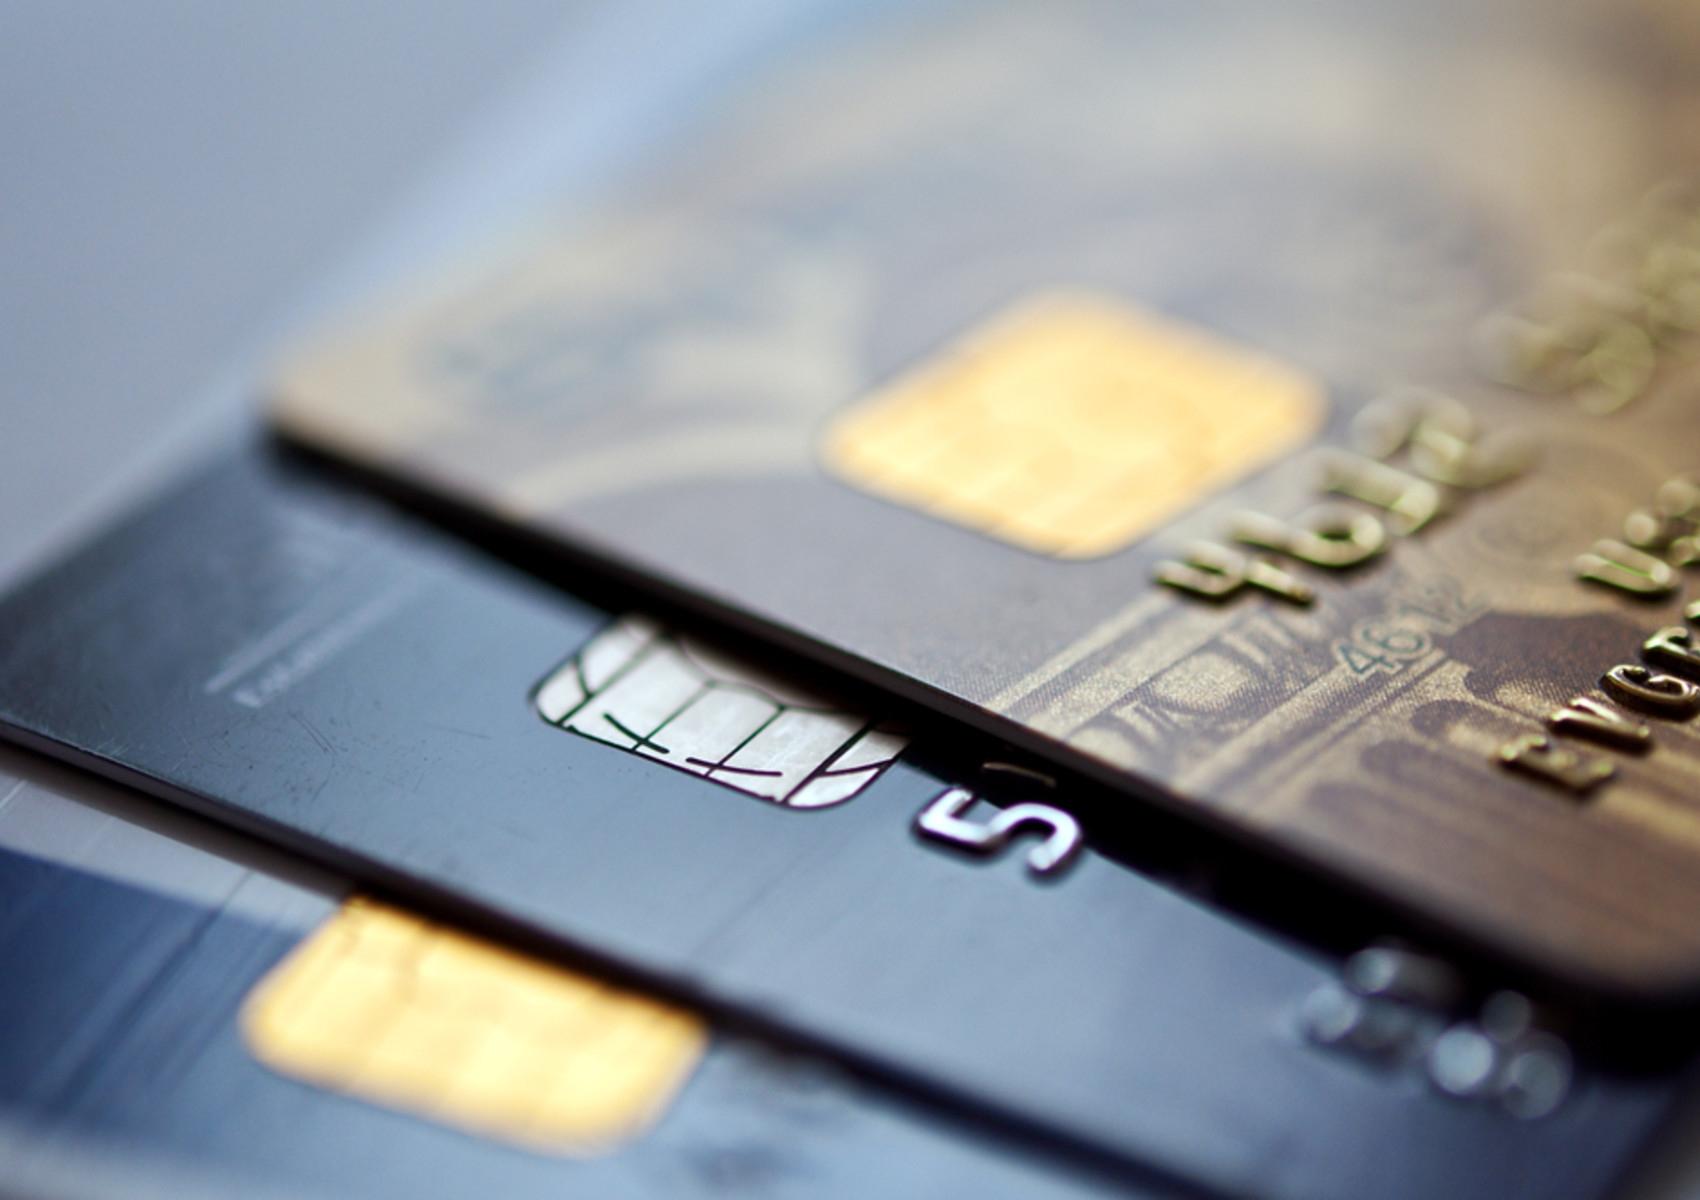 La migliore carta di credito a Gennaio 2020: Visa VS Mastercard